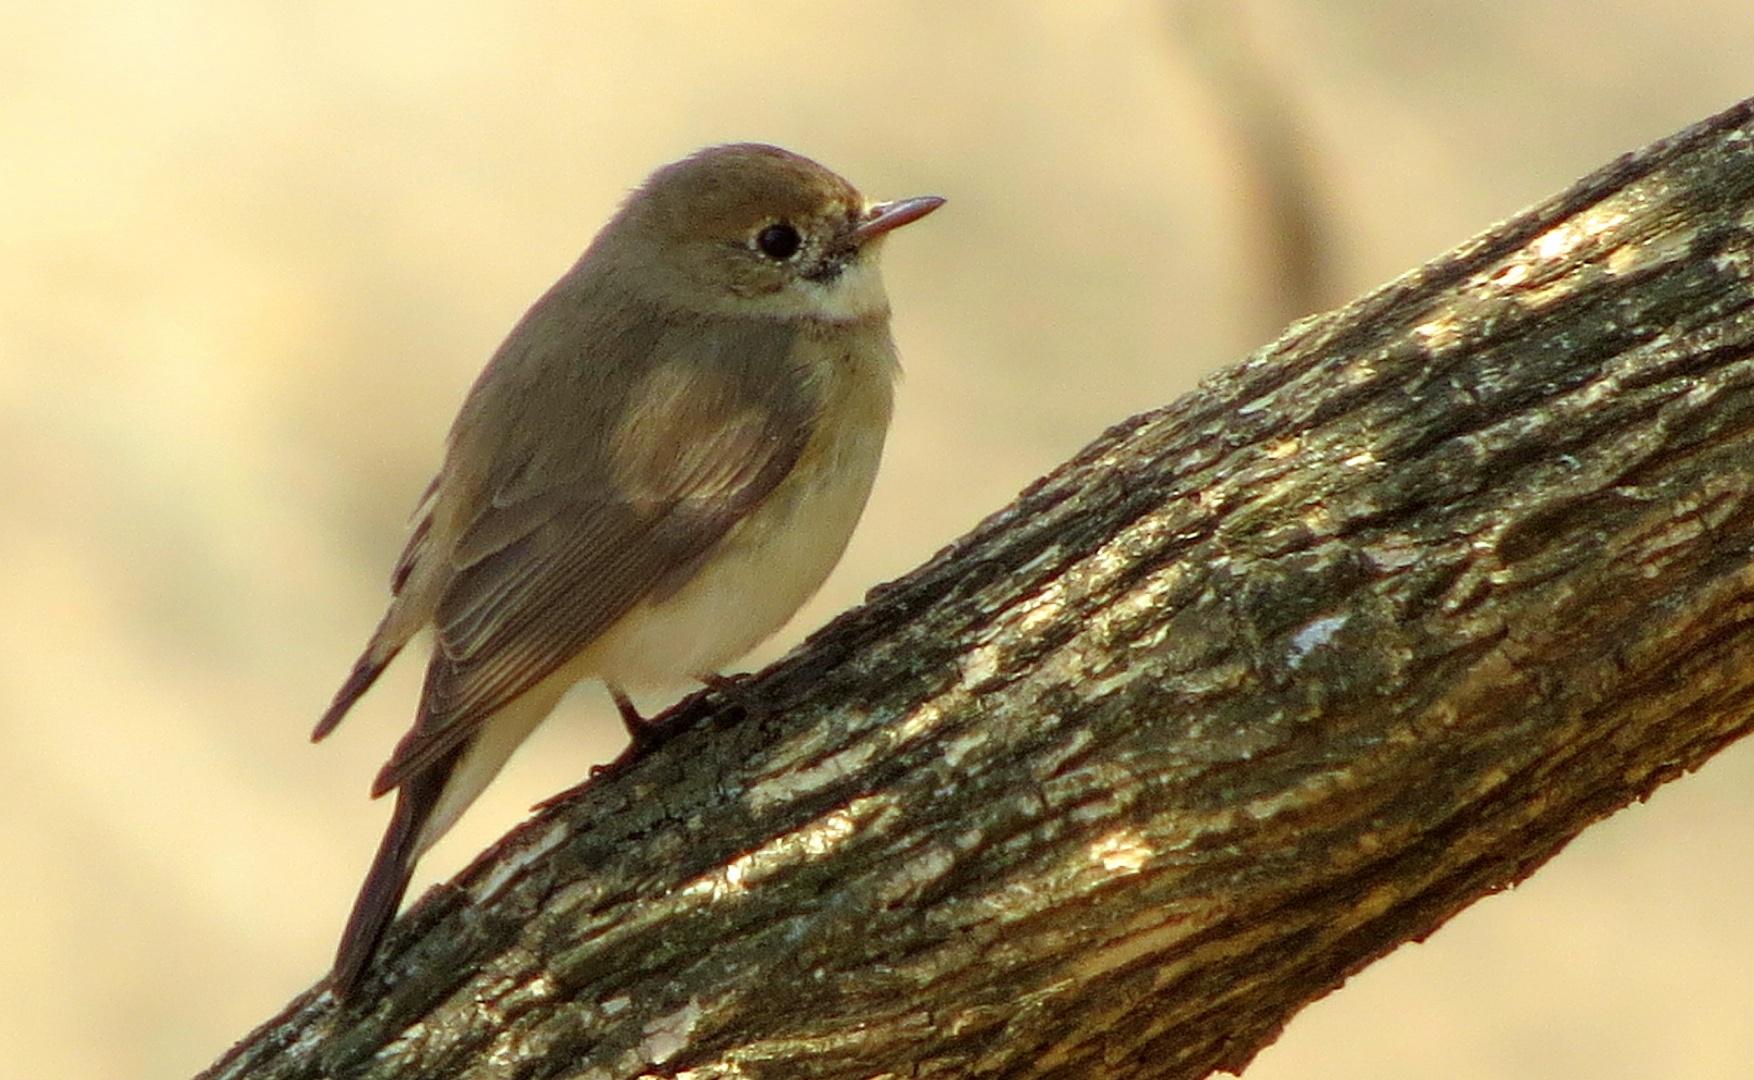 great backyard bird count 2017 photos bird count india